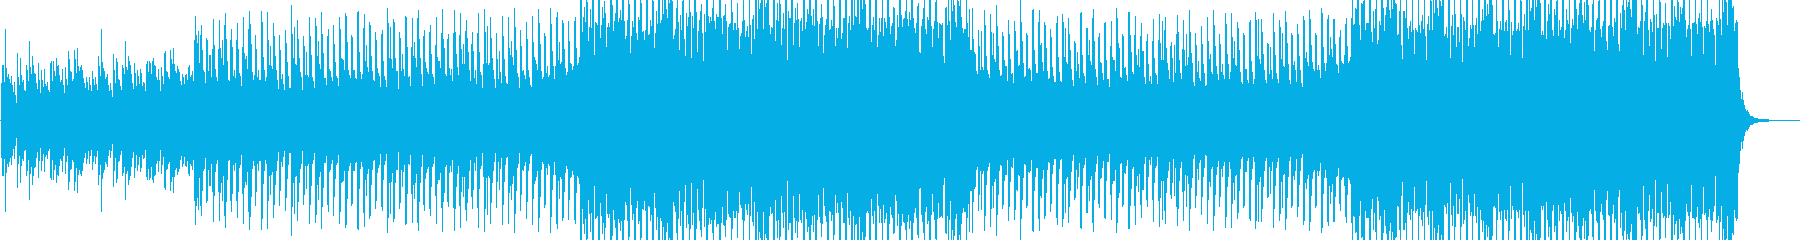 企業 爽やかポップ ピアノとストリングスの再生済みの波形